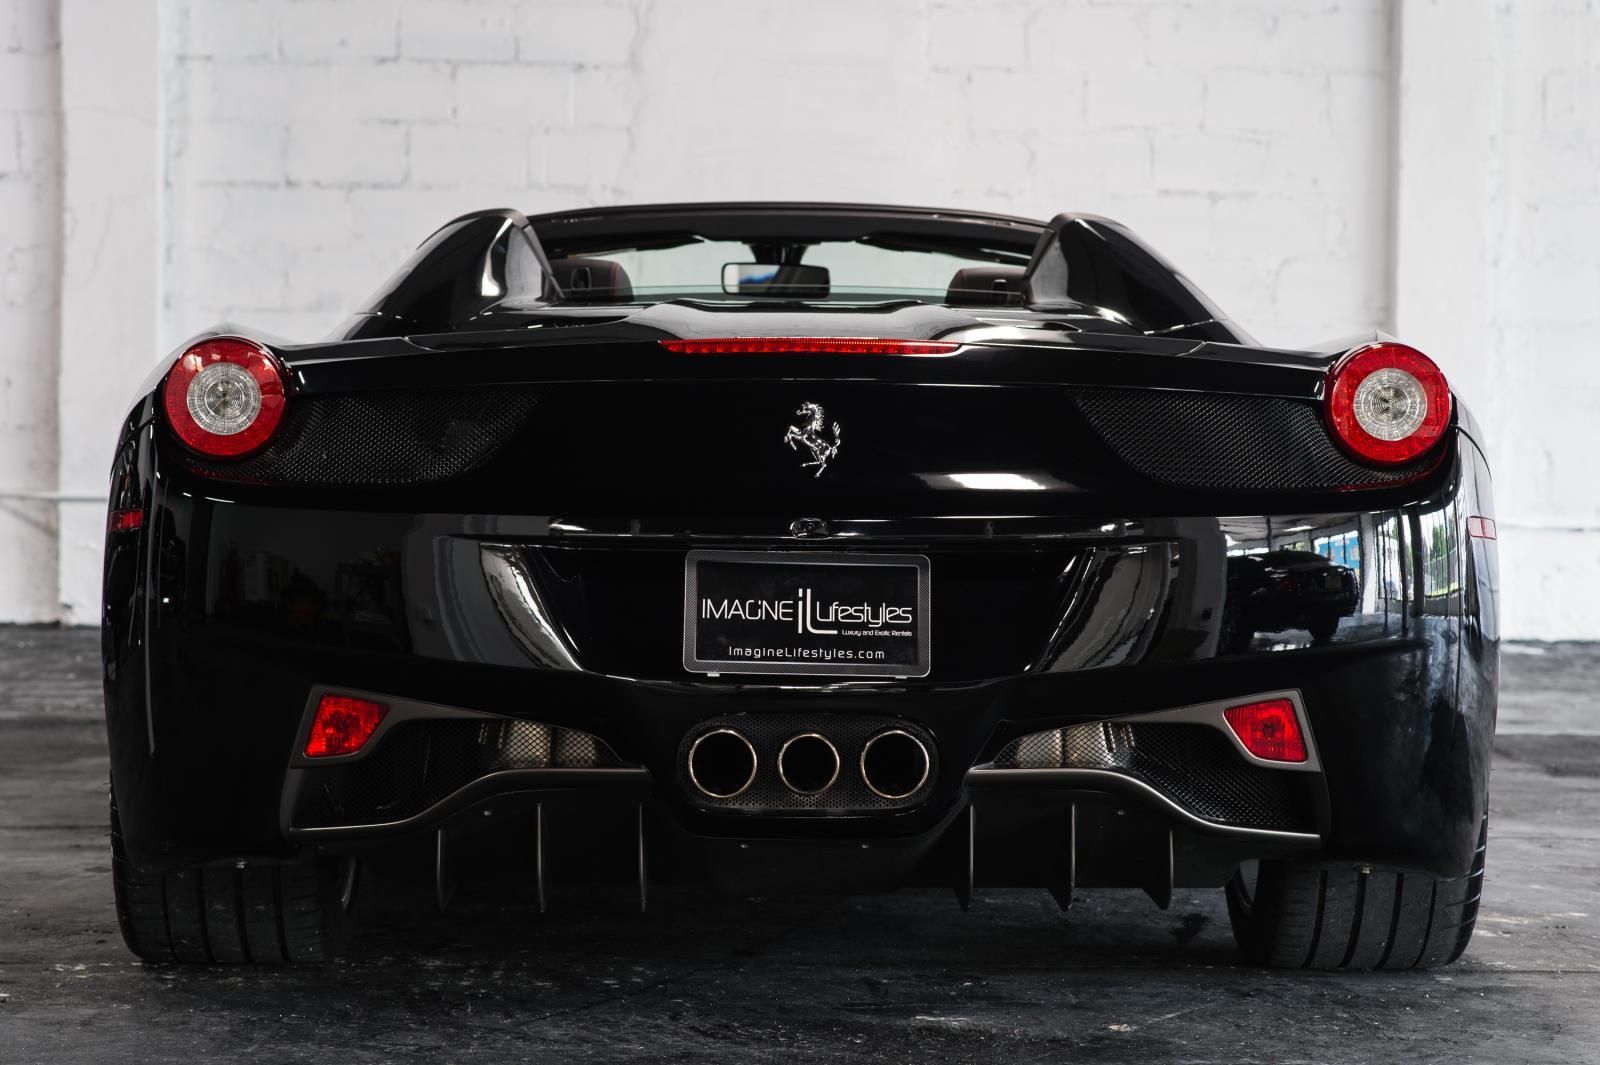 Ferrari 458 rental